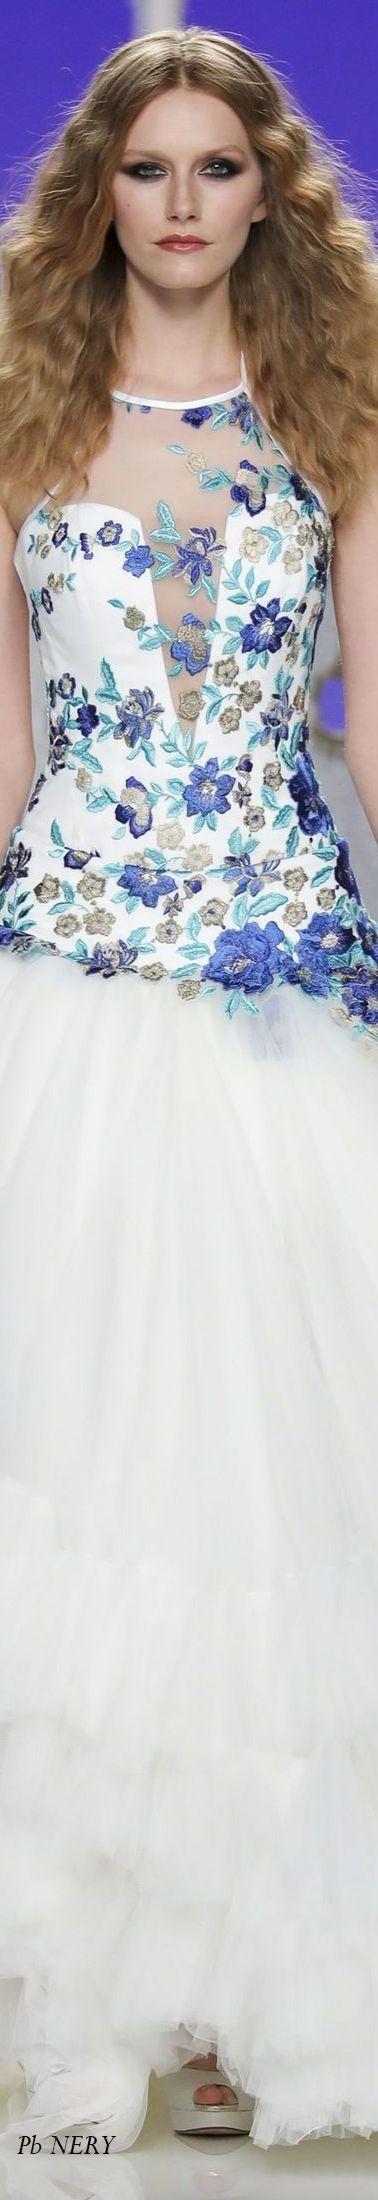 Jordi dalmau spring bridal trendit pinterest bridal